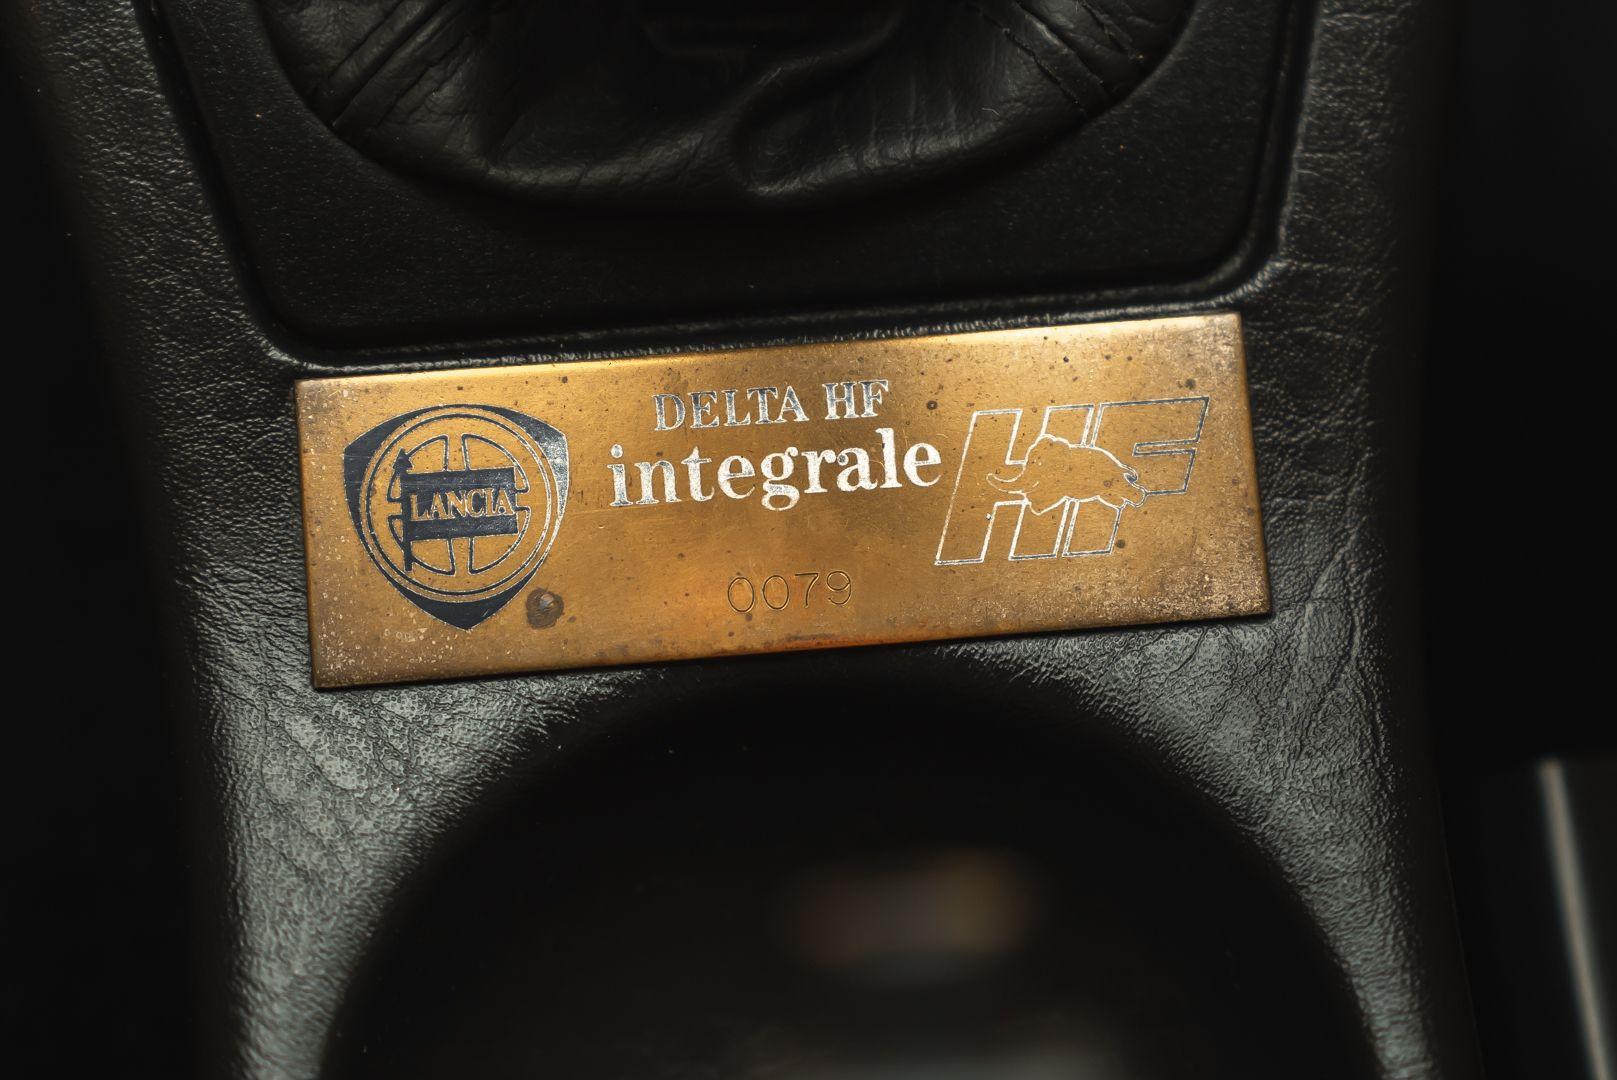 1992 Lancia Delta HF Integrale 16V Evo 1 - 79/250 84837